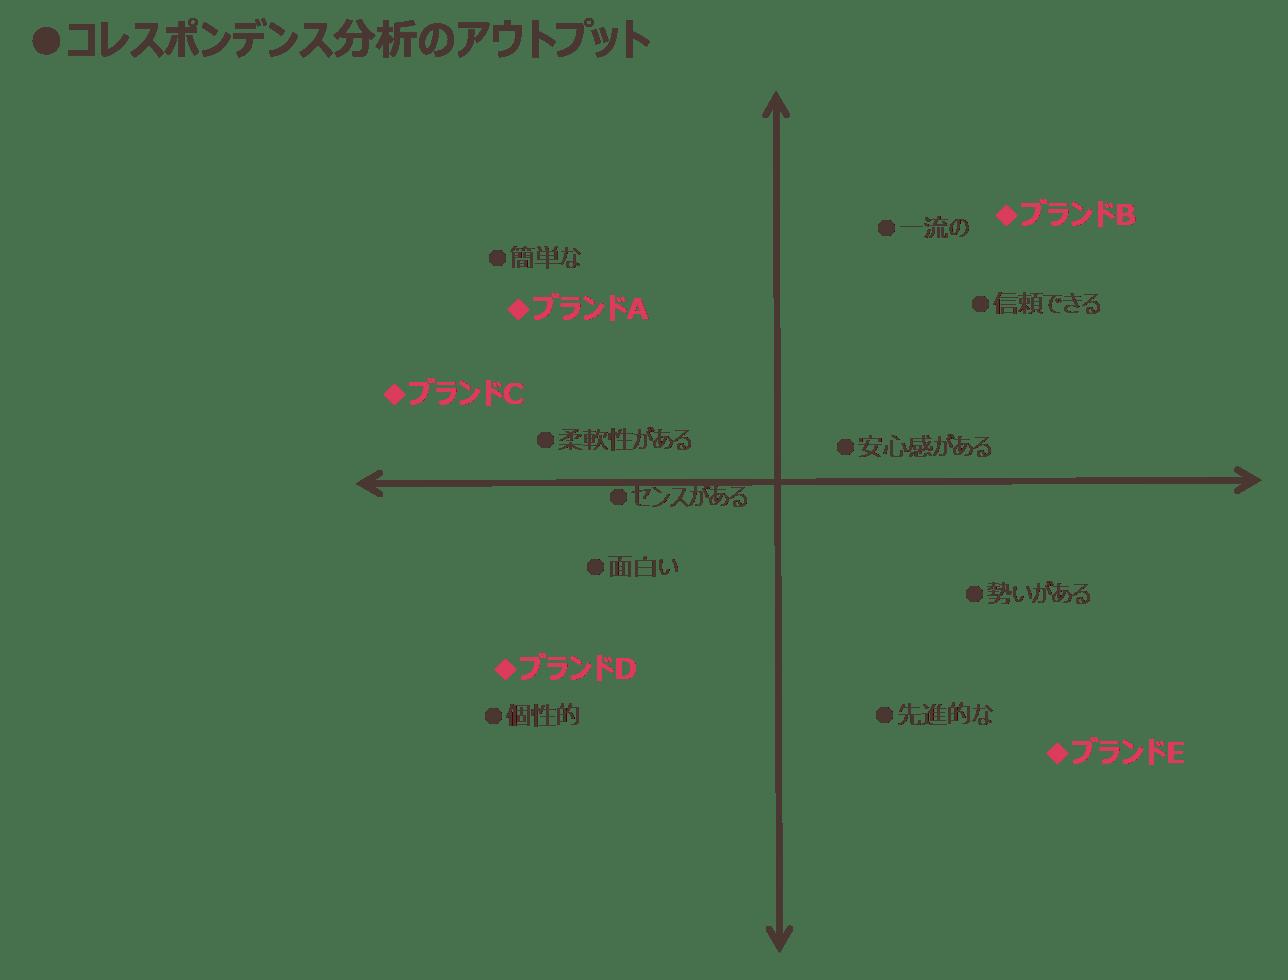 コレスポンデンス分析のアウトプット